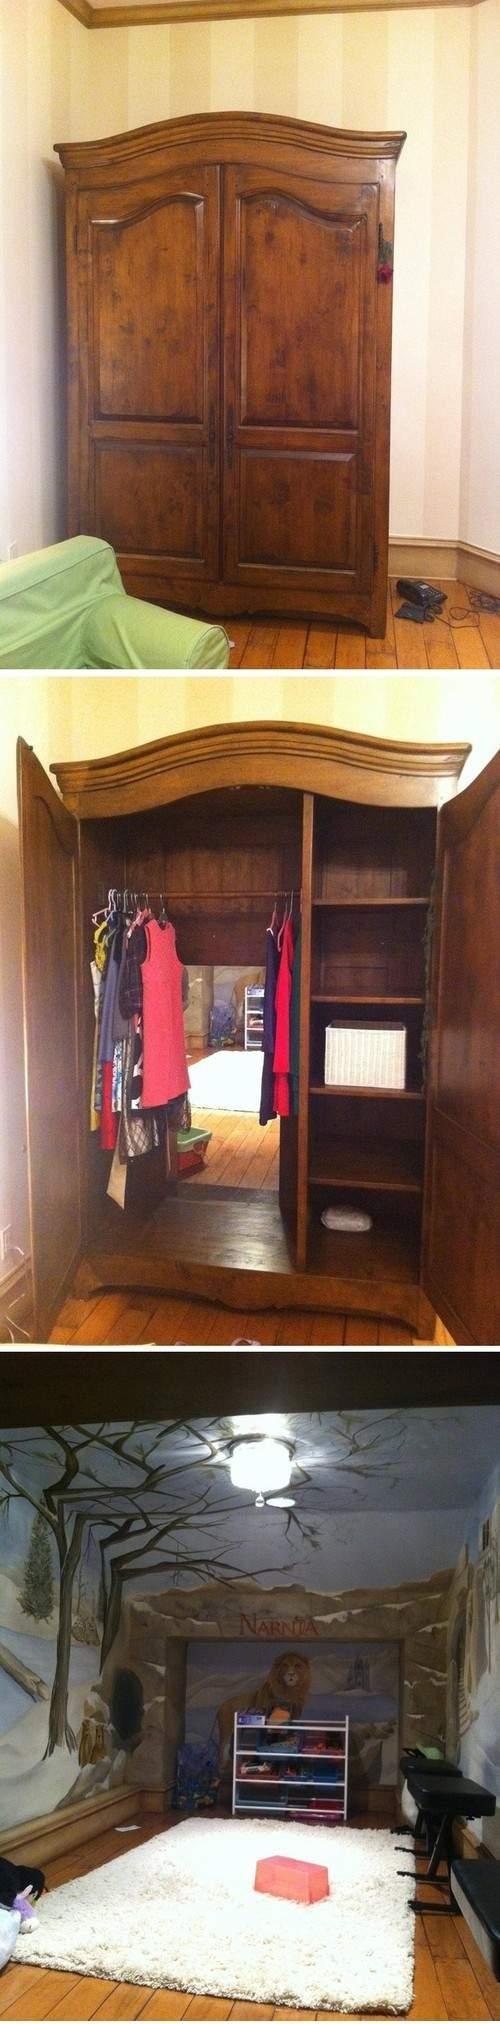 *** pokój dla dziecka - Narnia ***